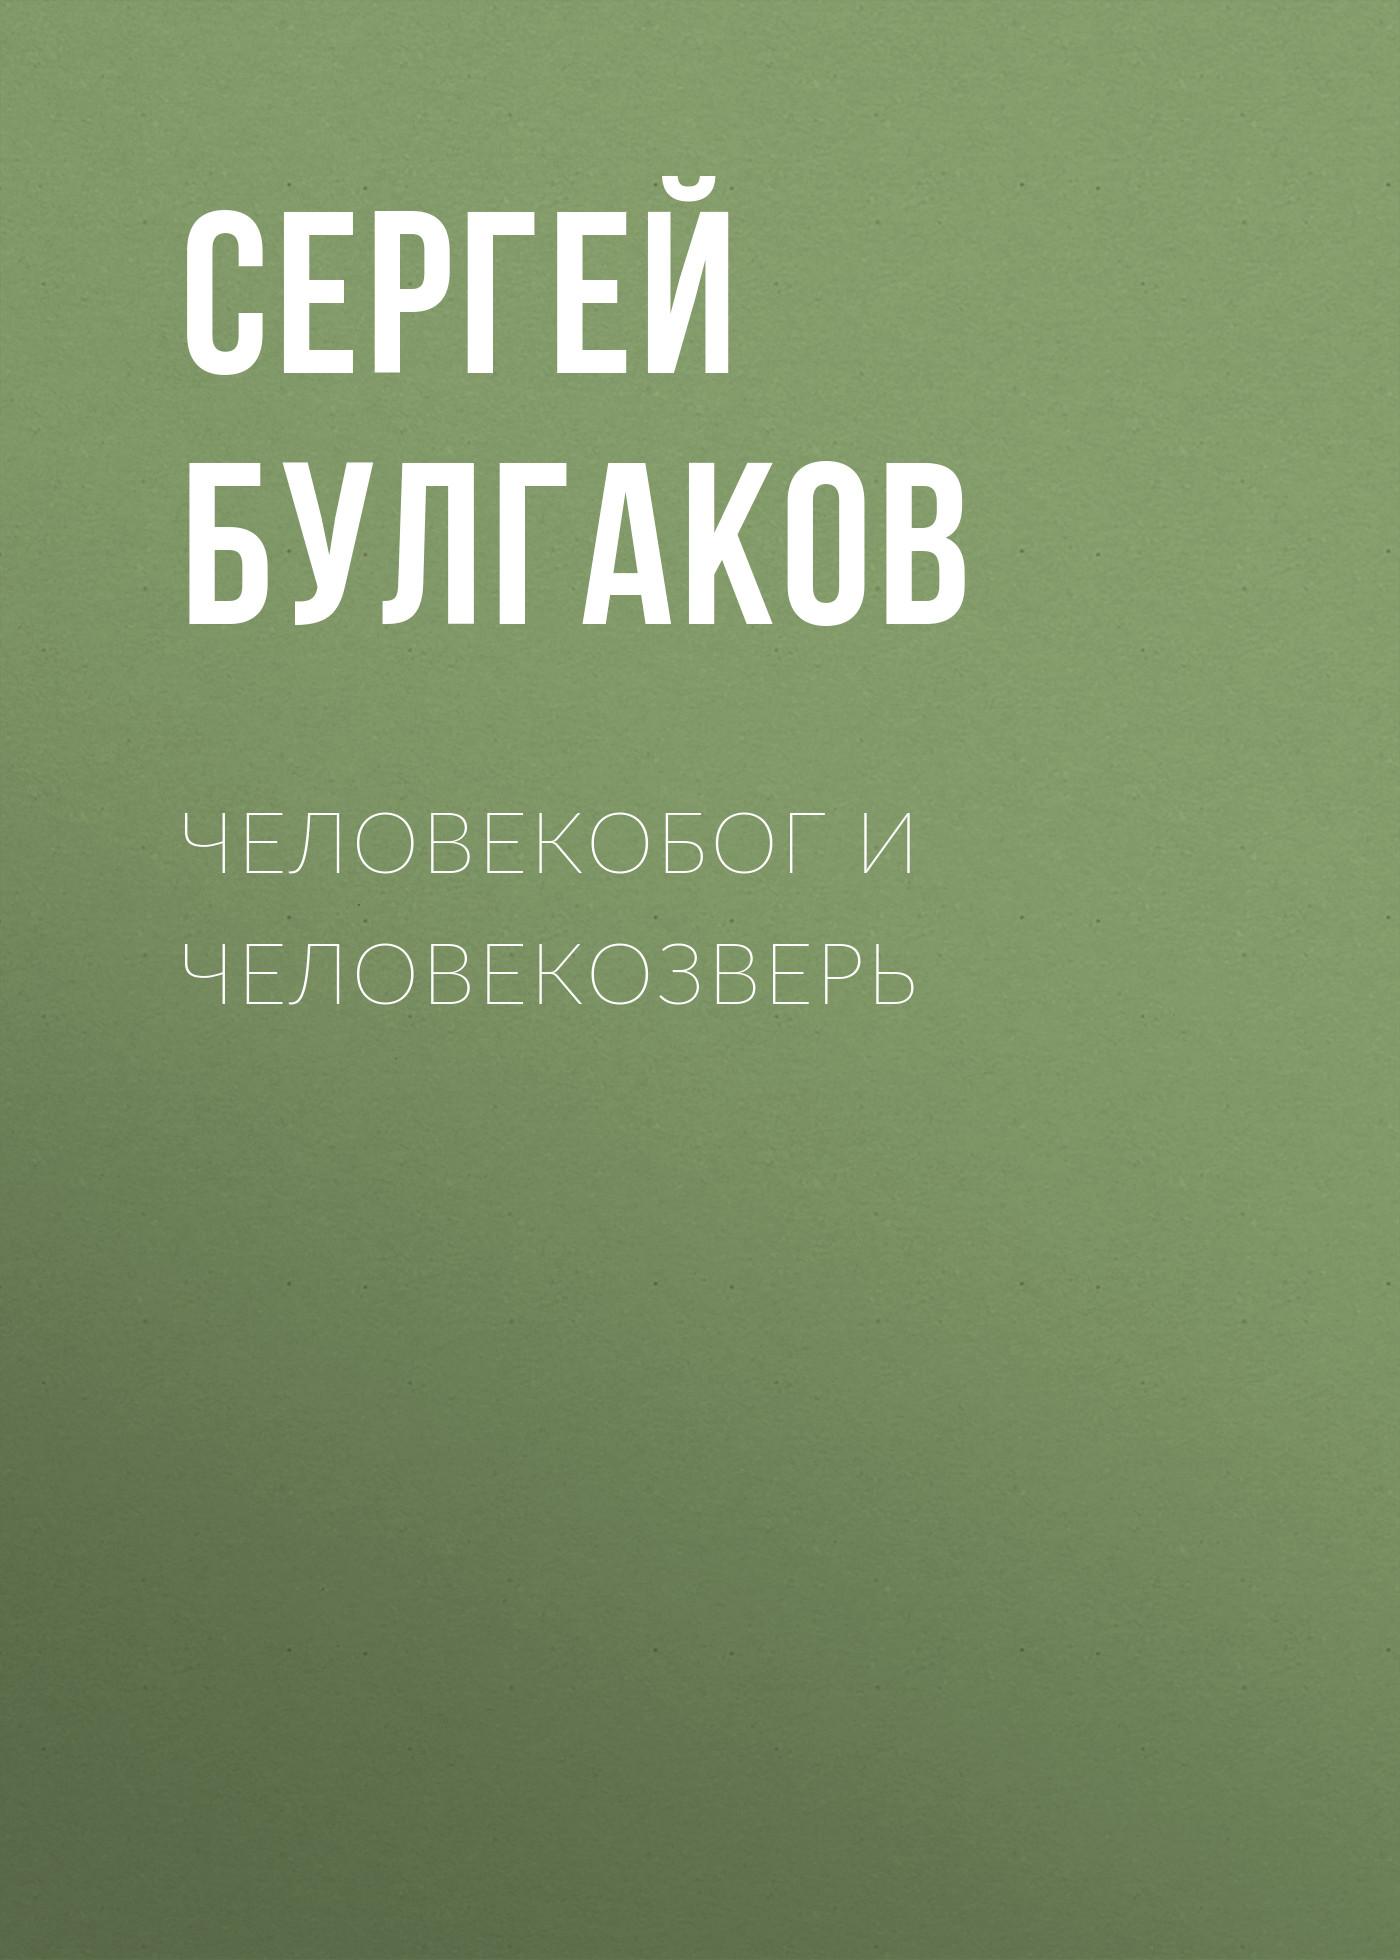 купить Сергей Булгаков Человекобог и человекозверь онлайн